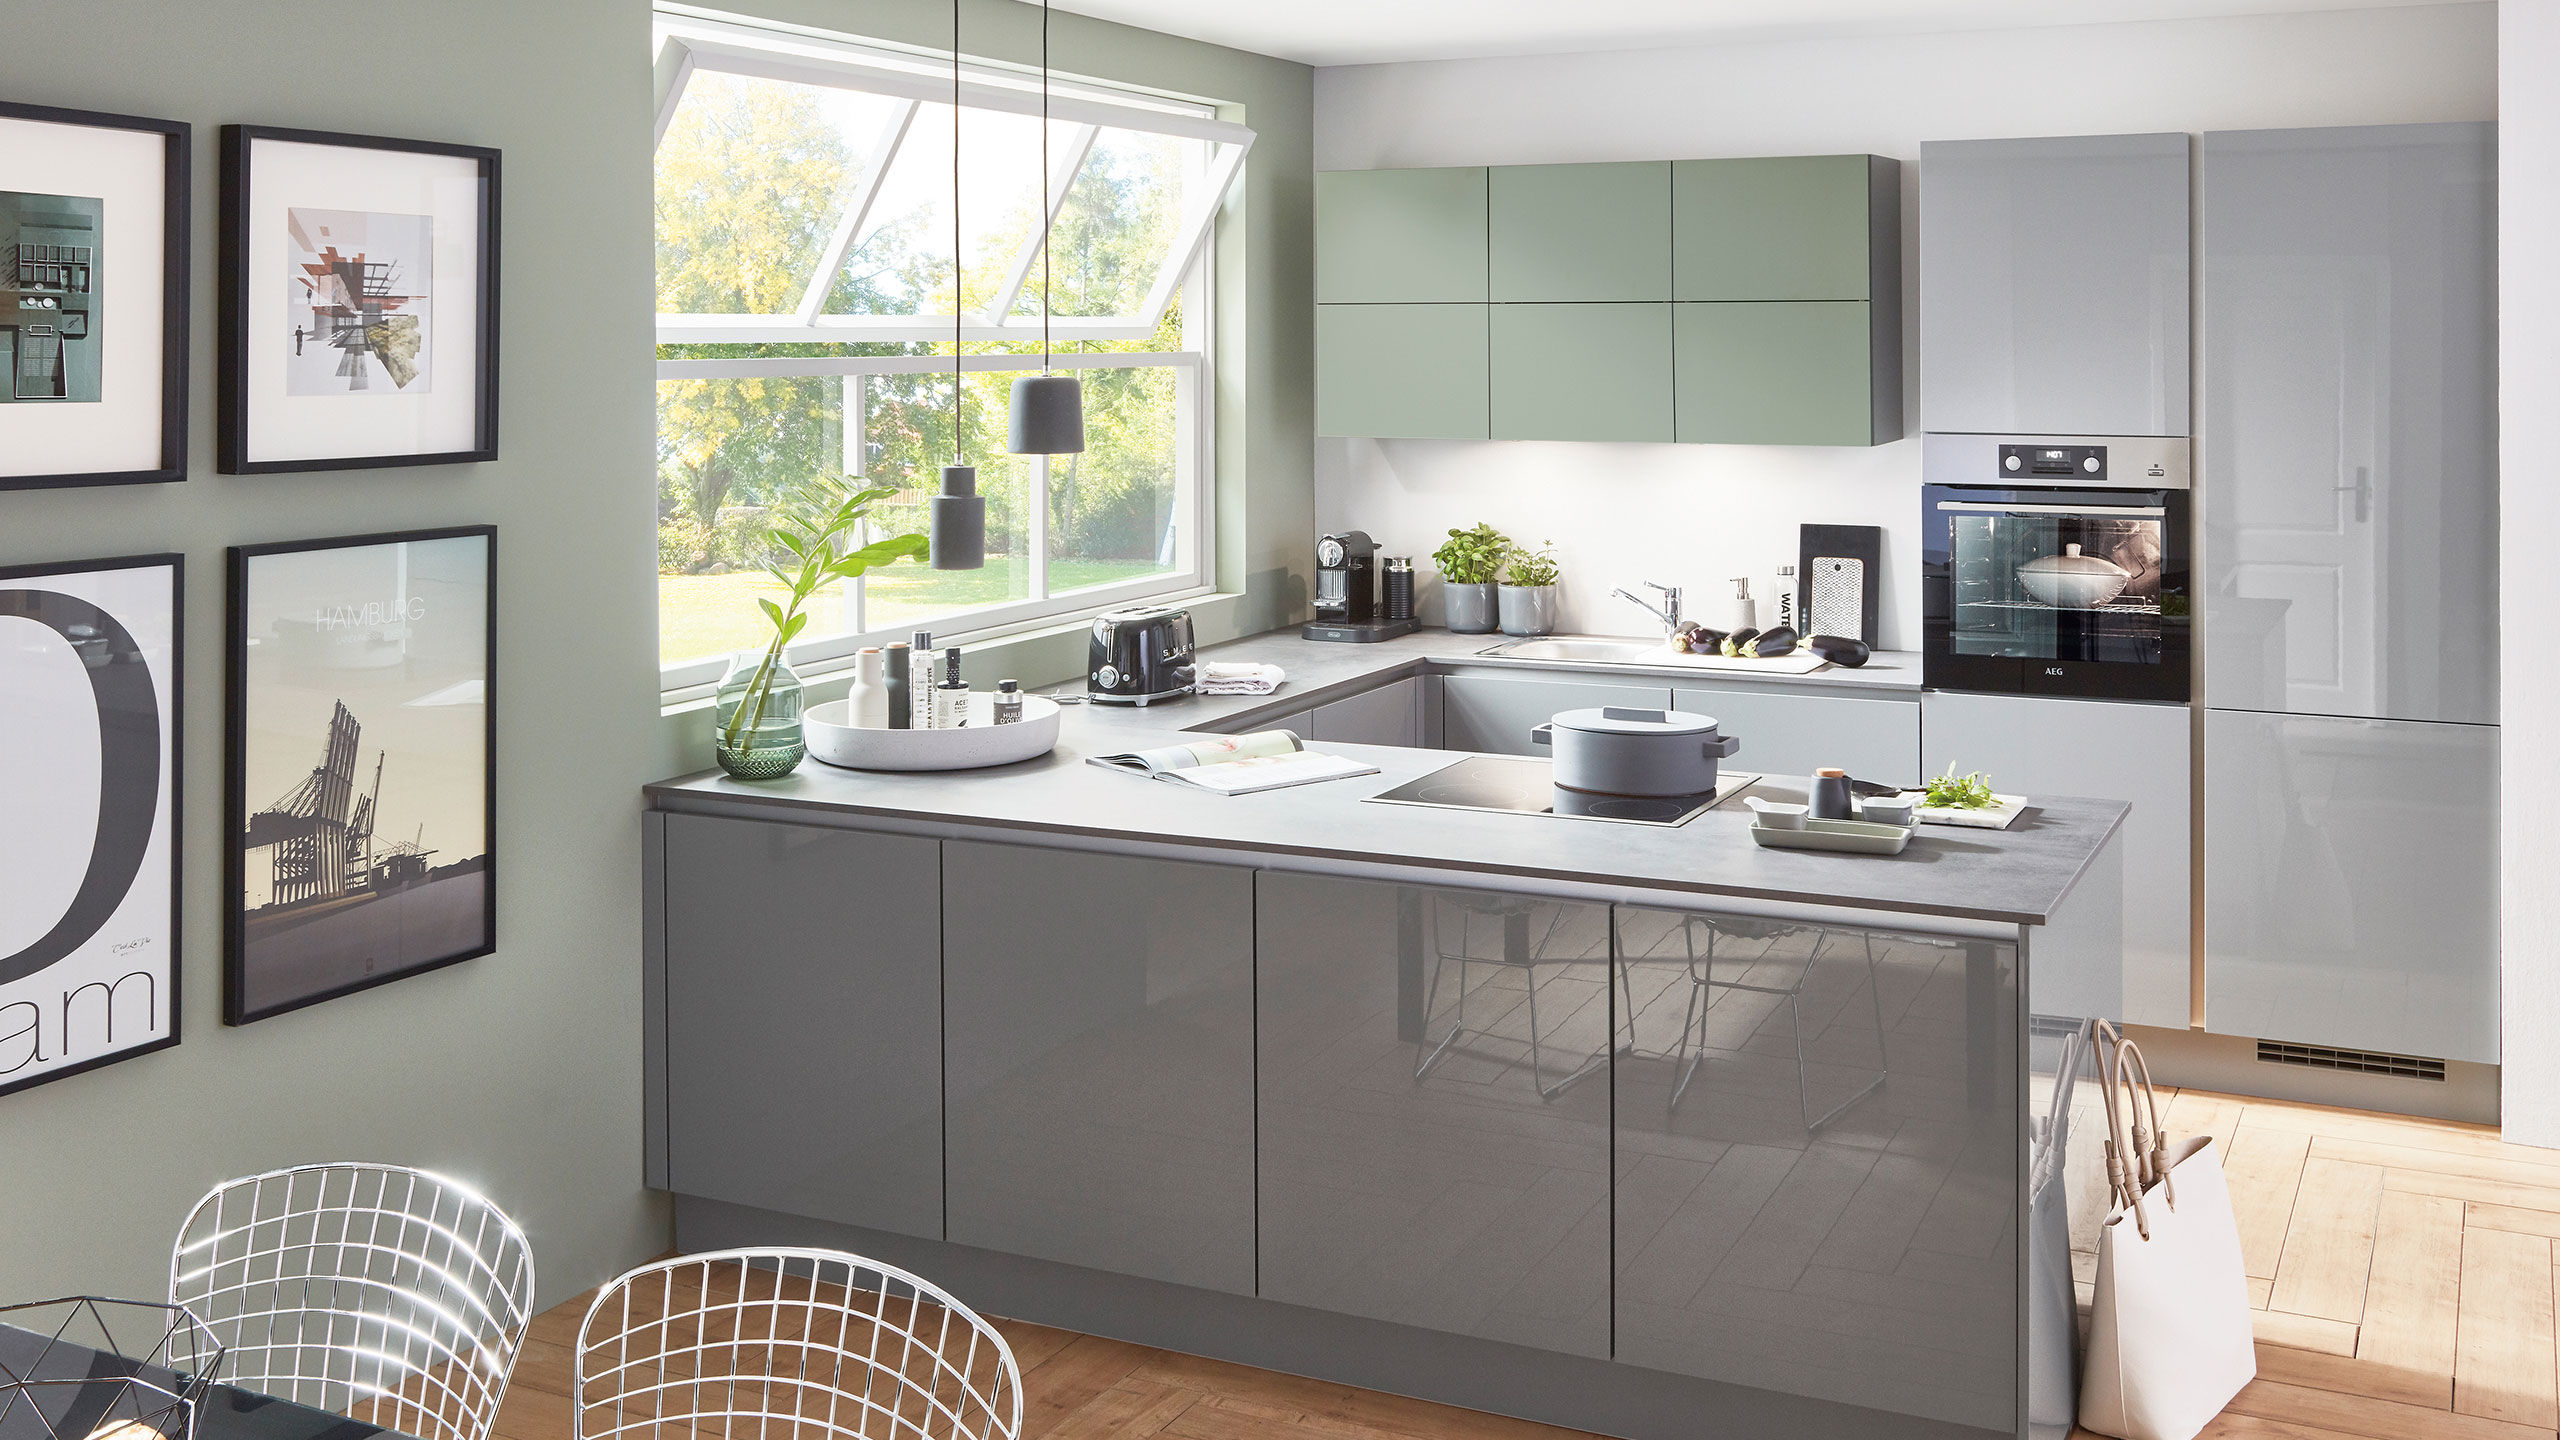 Full Size of Hochglanz Küche Polieren Hochglanz Küche Putzen Prowin Hochglanz Küche Mit Insel Hochglanz Küche Vor Und Nachteile Küche Hochglanz Küche